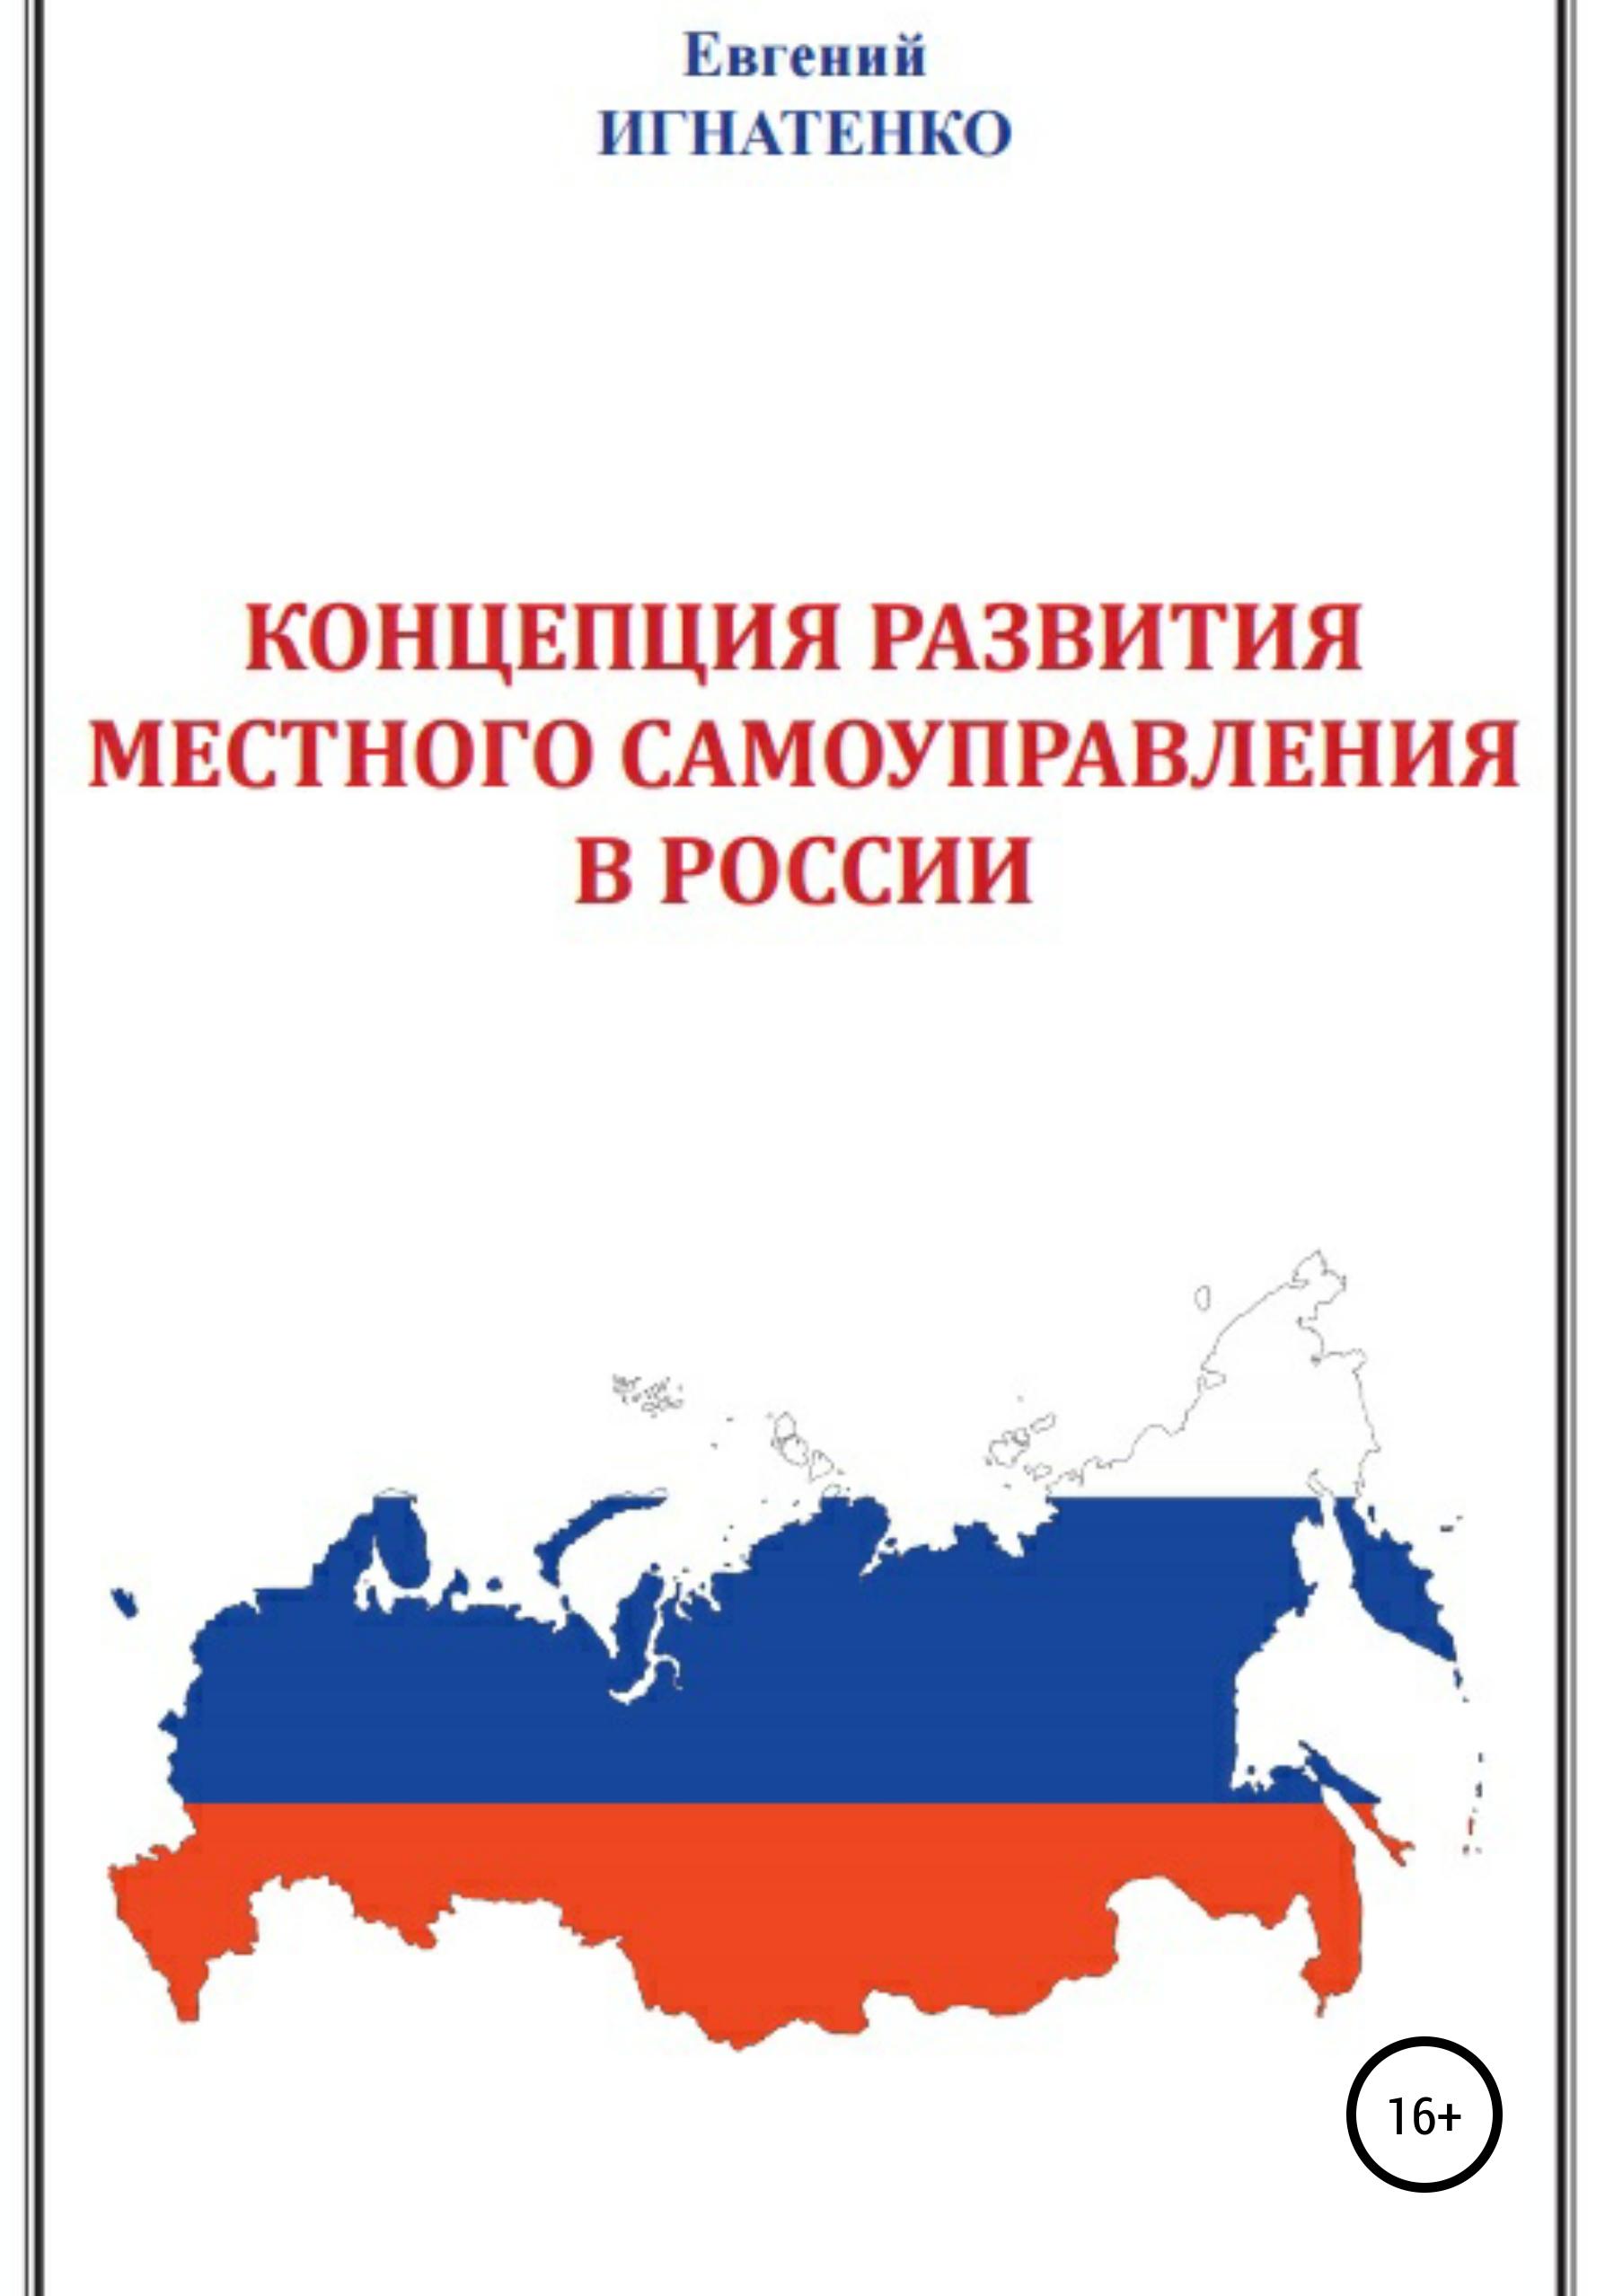 Евгений Игнатенко Концепция развития местного самоуправления в России